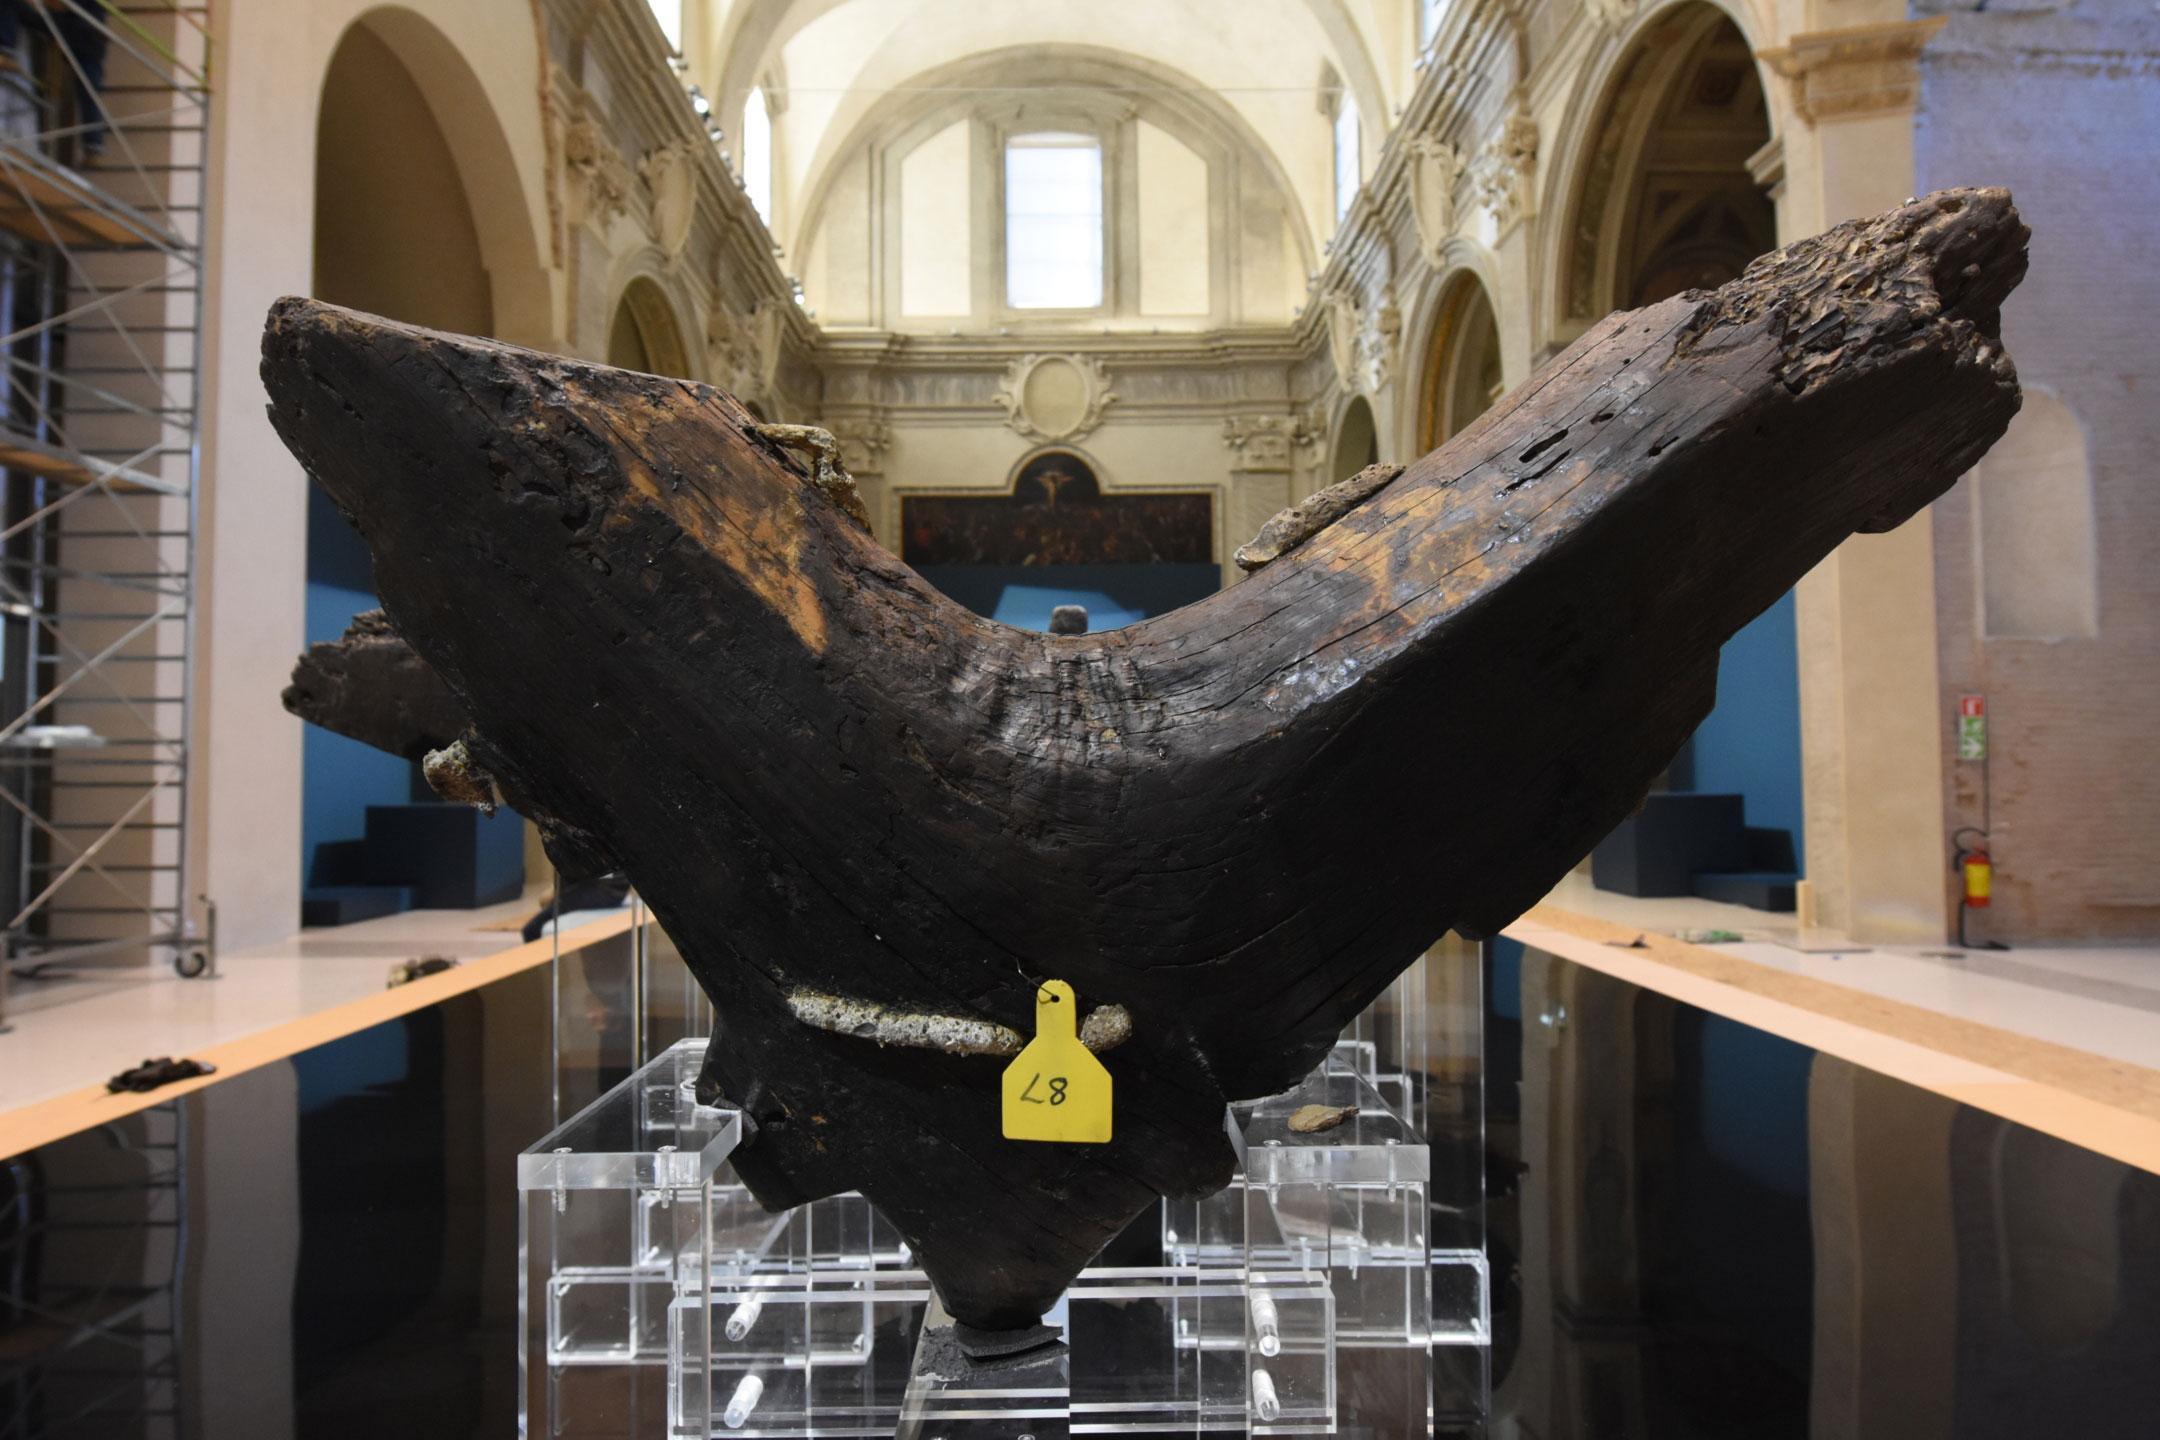 Forlì, per la mostra su Ulisse c'è anche la più antica nave greca al mondo, esposta per la prima volta al pubblico